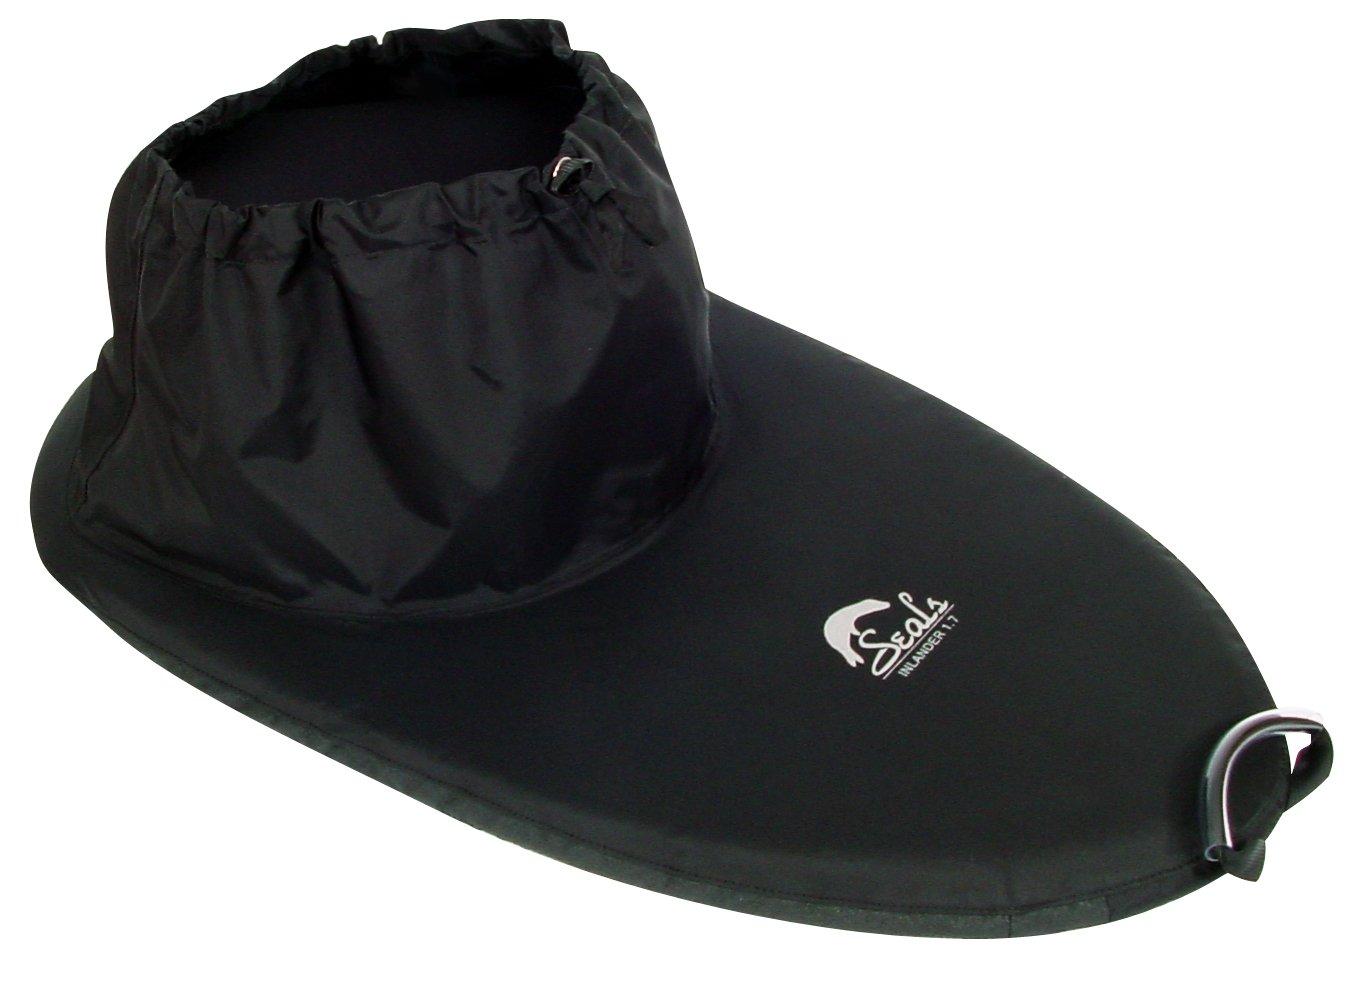 Seals Inlander Spray Skirt, 5.0, Black